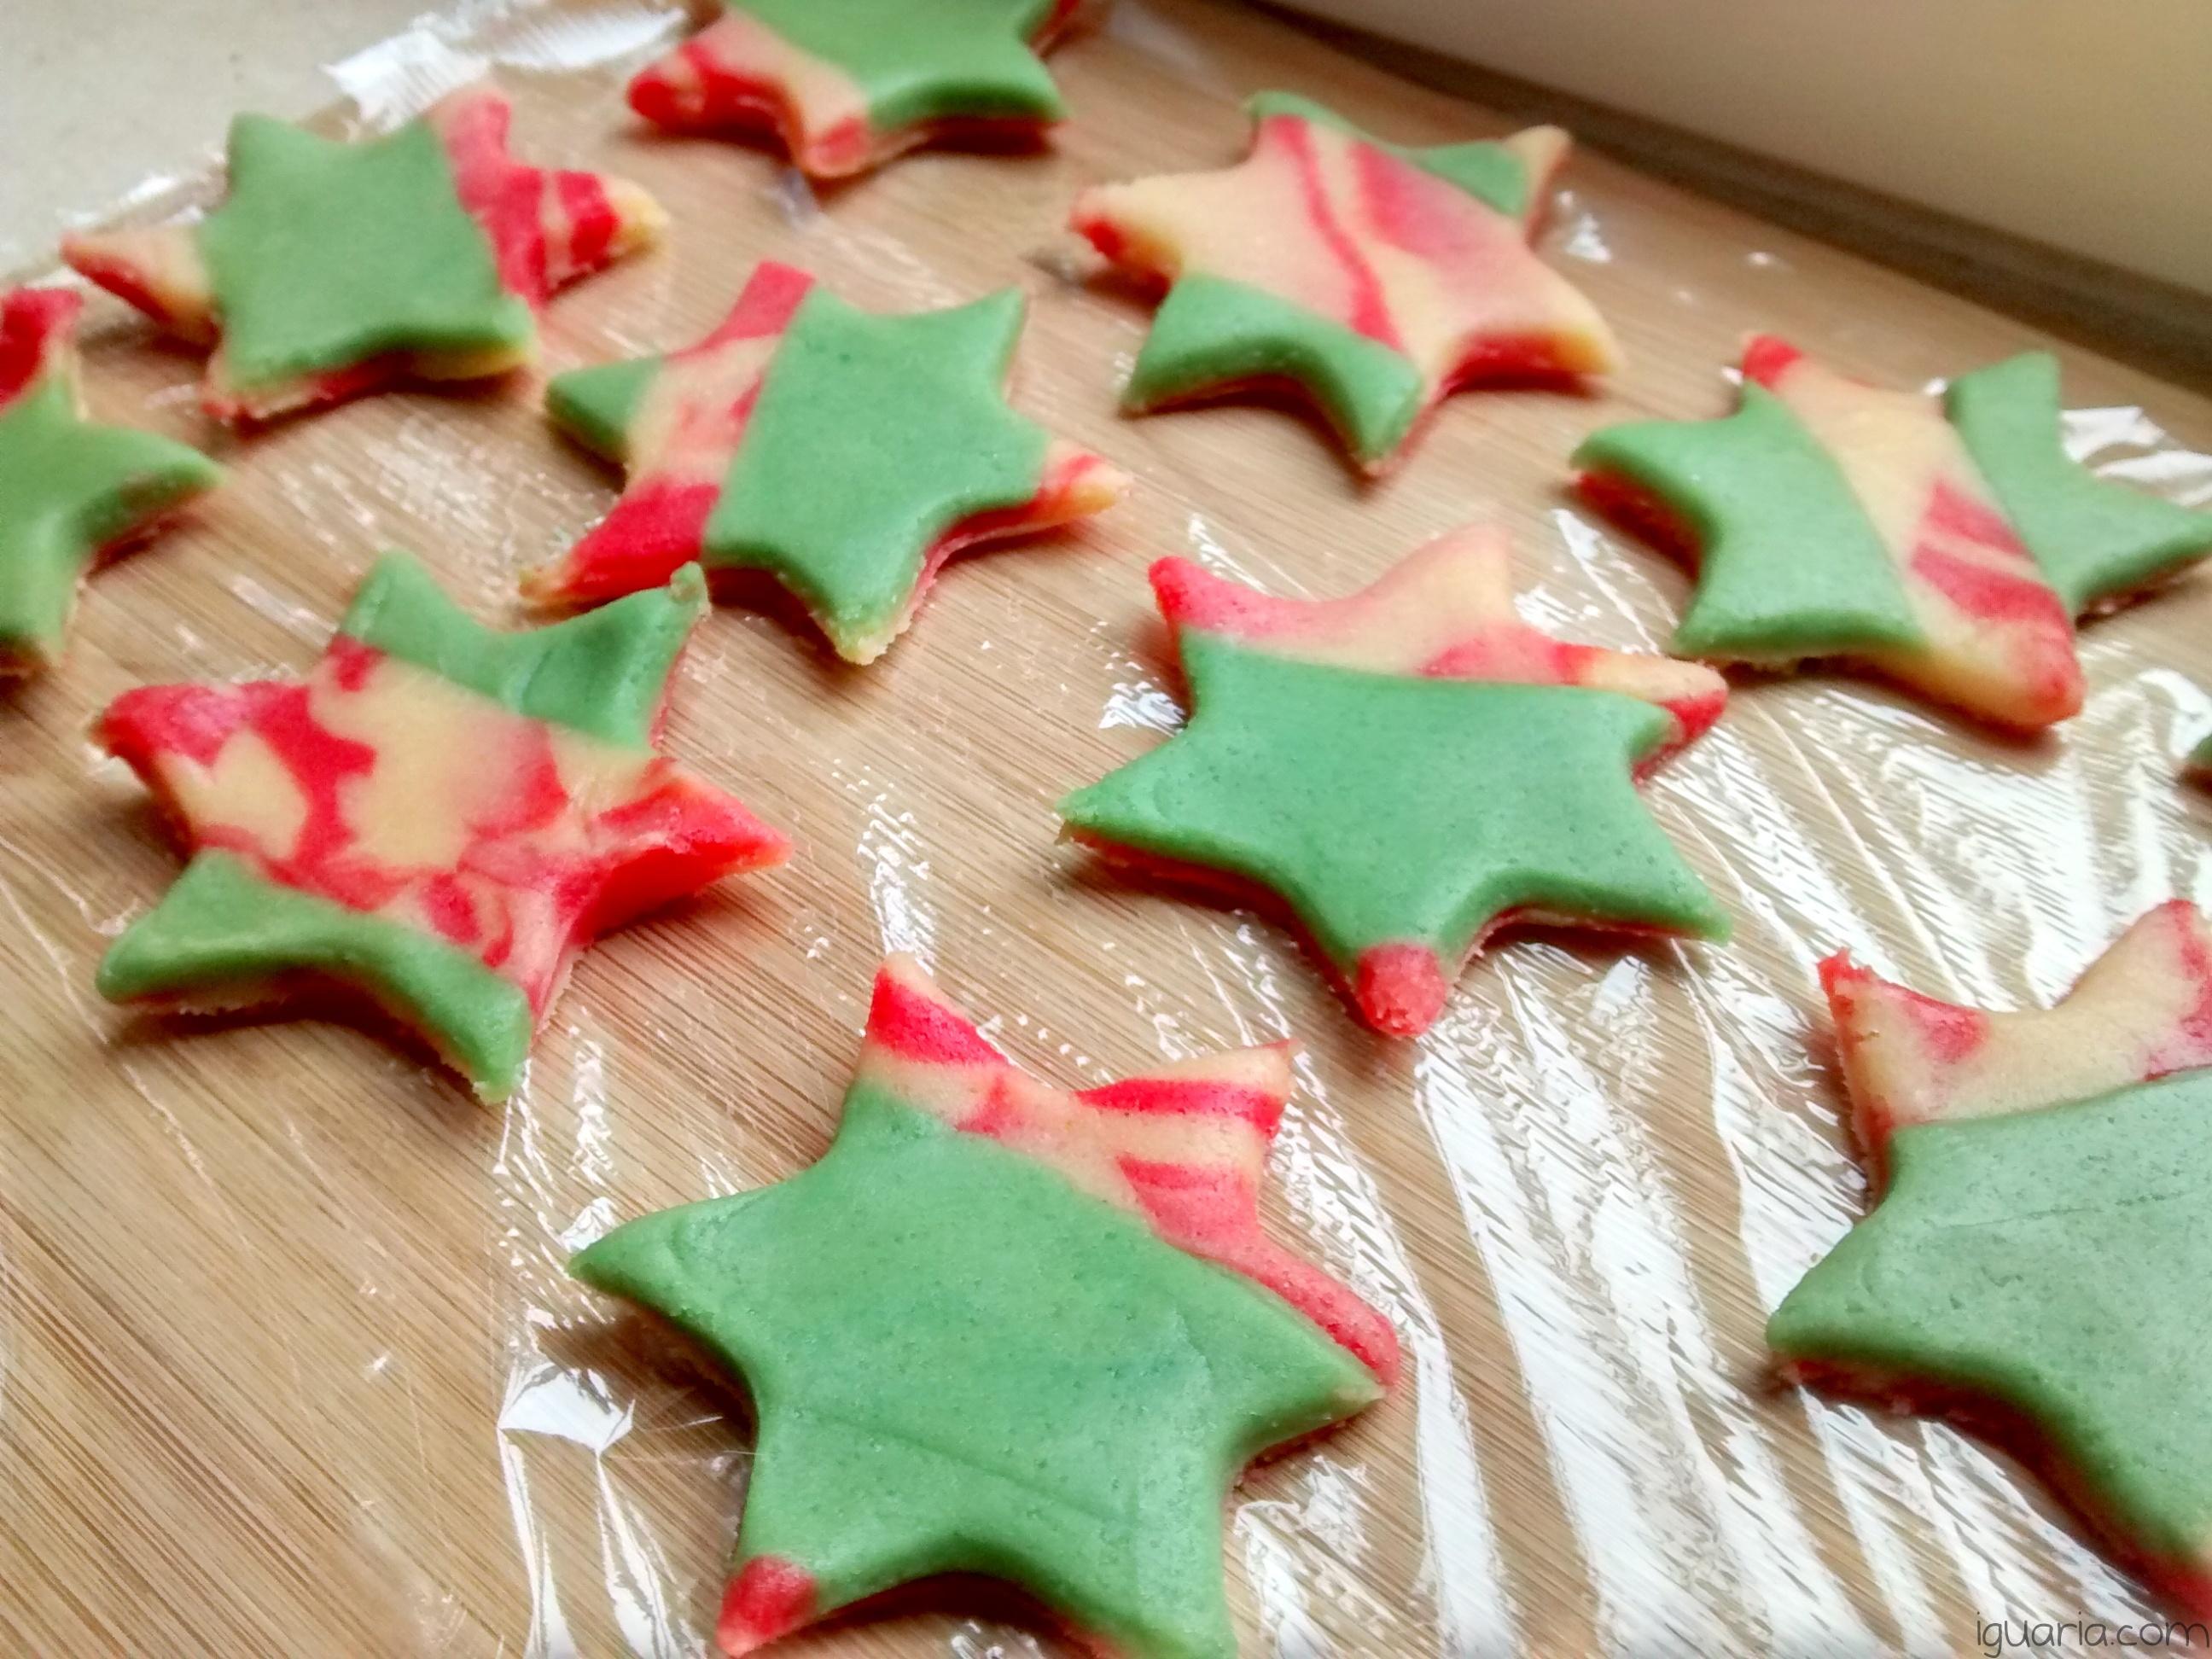 iguaria-moldar-biscoitos-com-cores